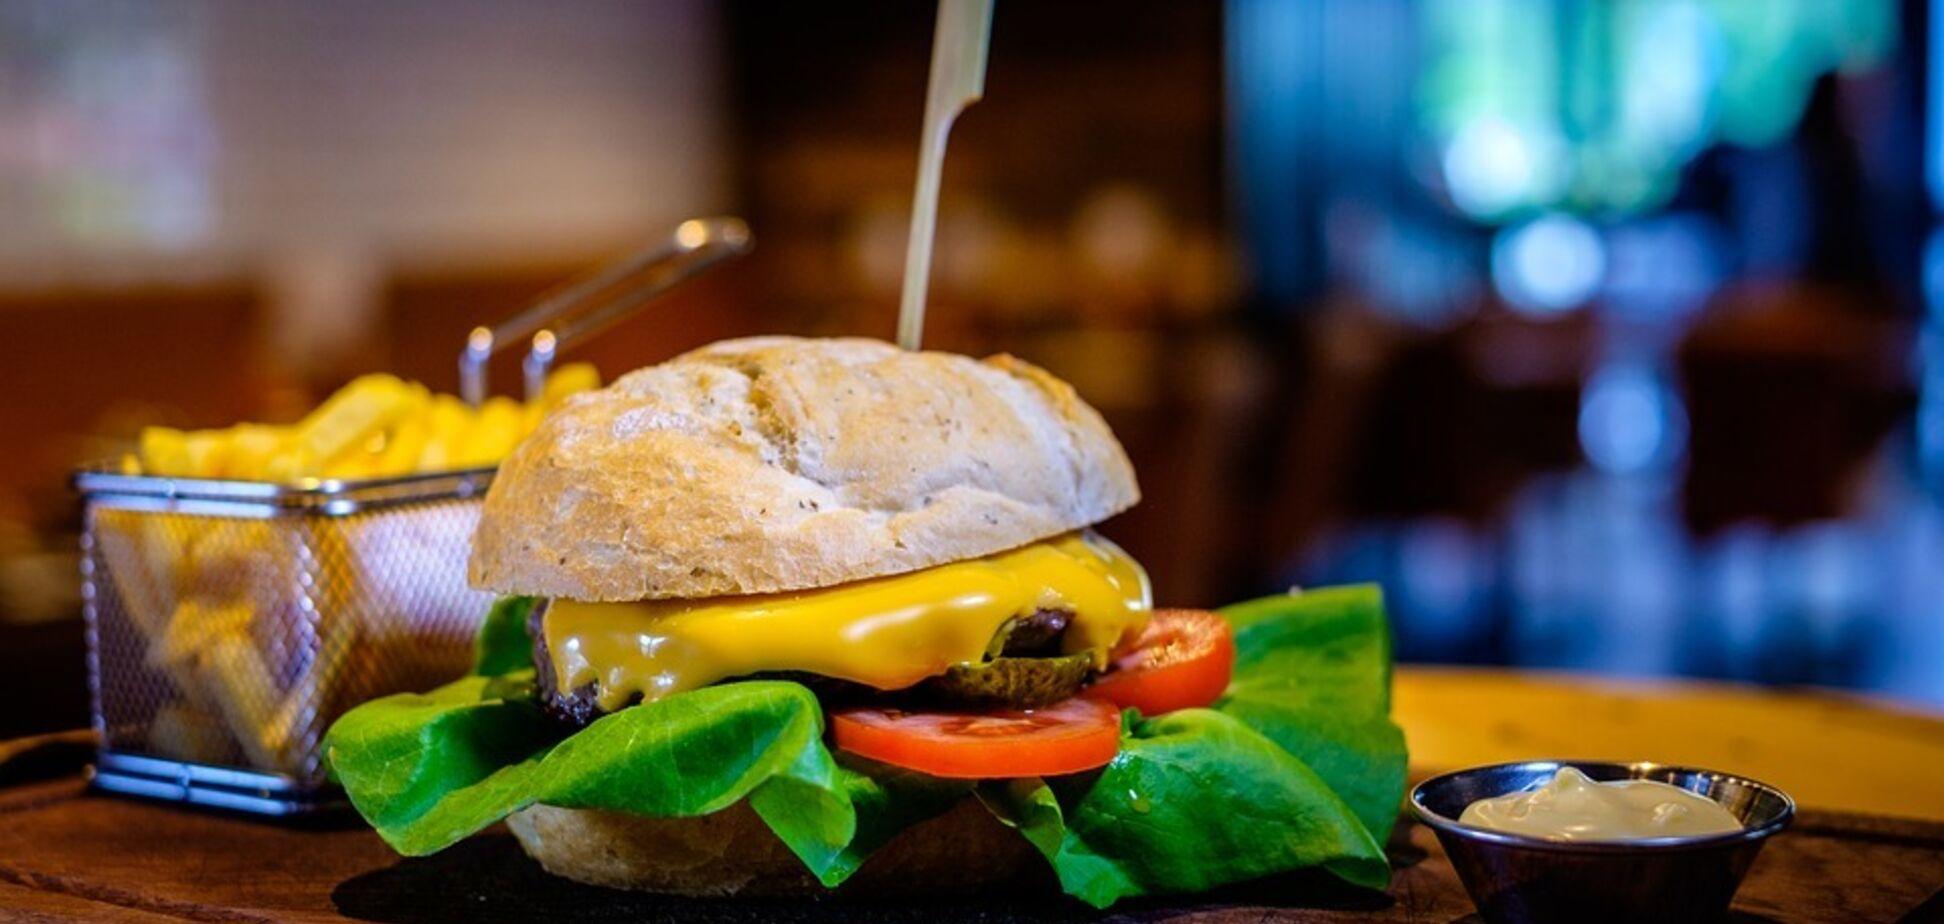 Вредные салаты и один вкус: факты о фастфуде, о которых не скажут в ресторанах